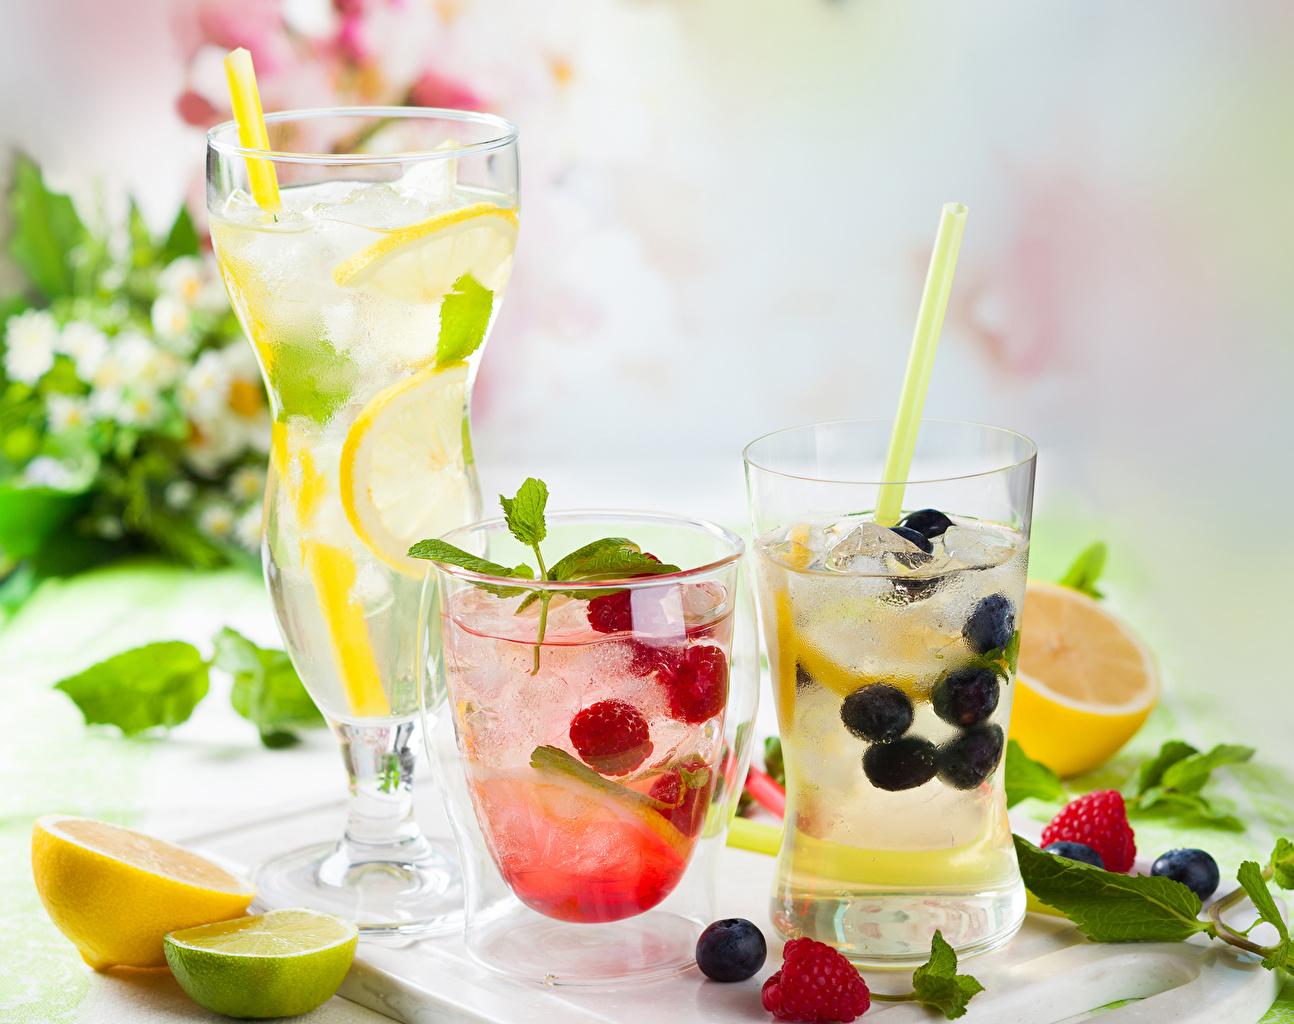 Picture Lime Lemonade Lemons Raspberry Blueberries Highball glass Food Fruit drink Drinks